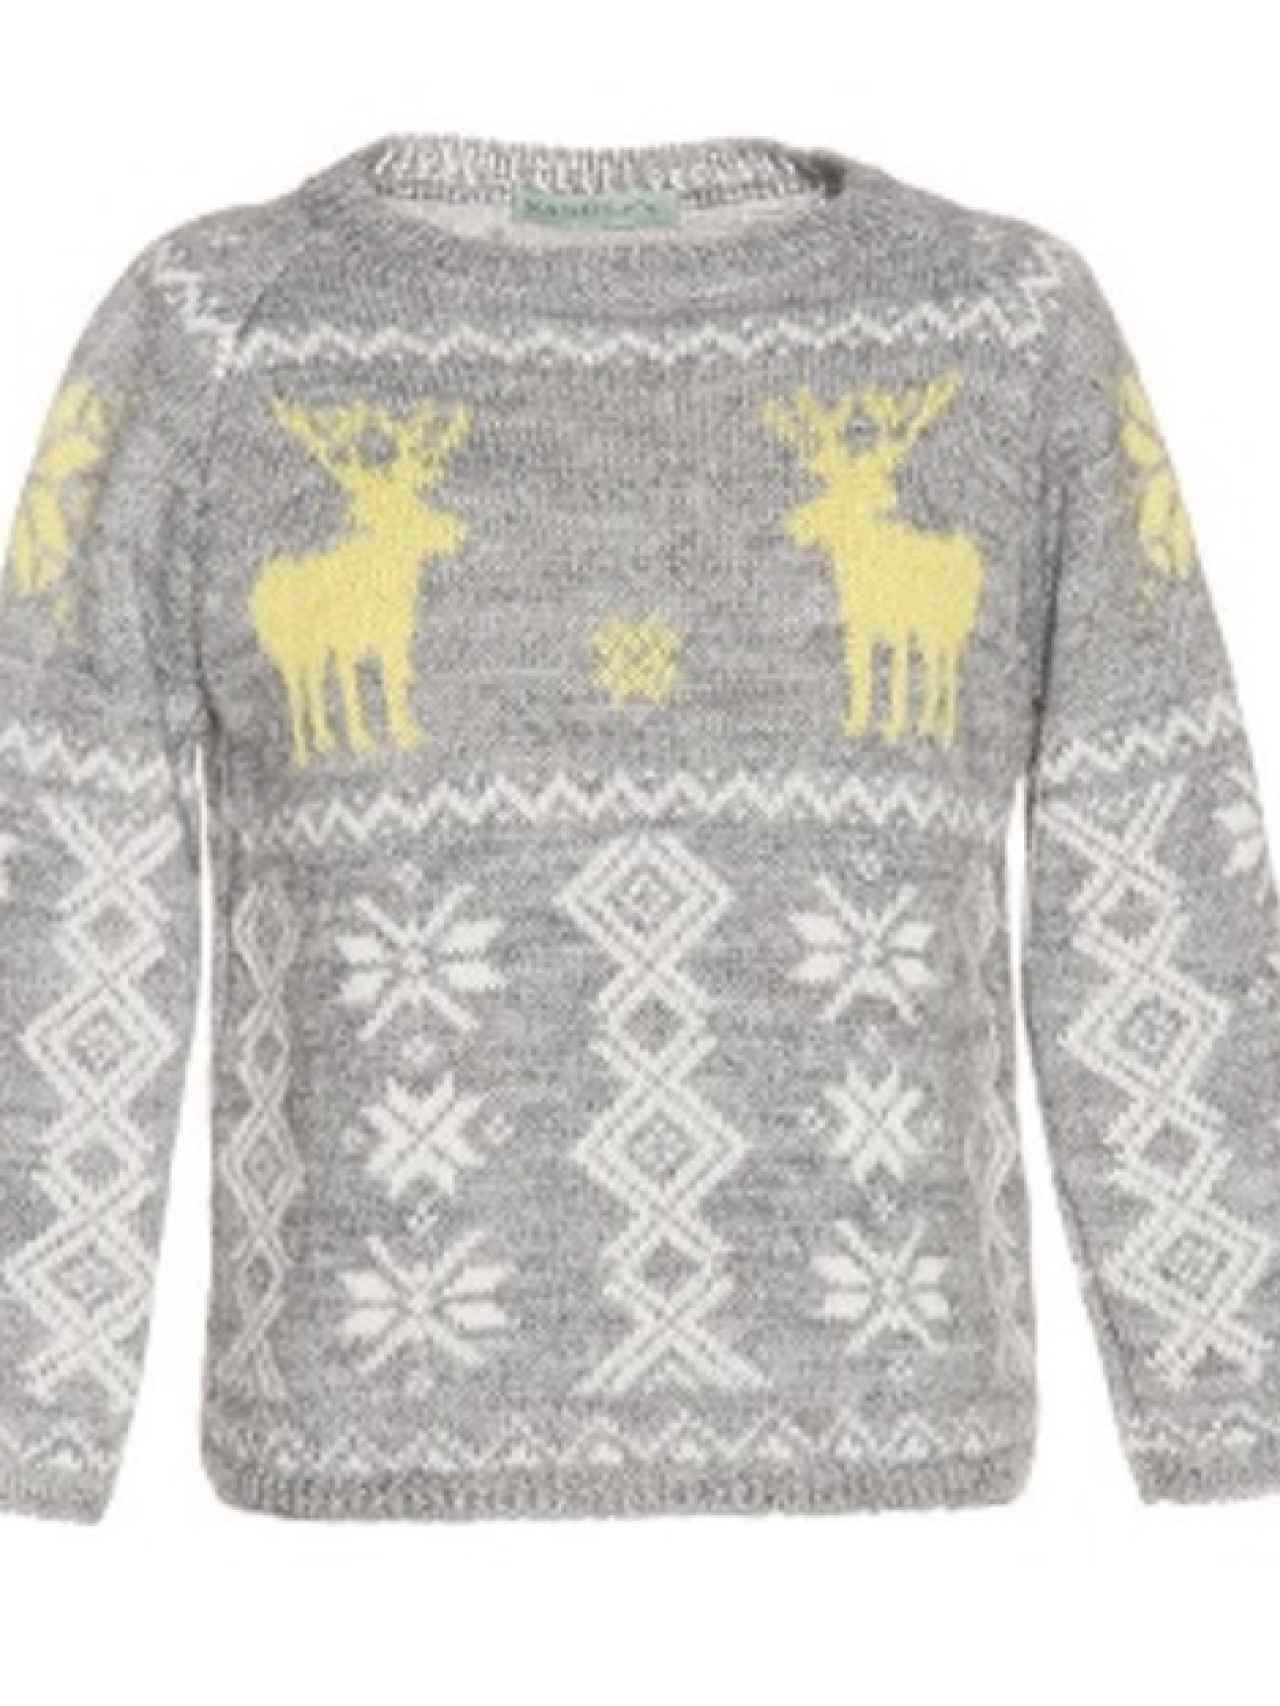 Jersey de renos que ha lucido la princesa Leonor en la felicitación navideña